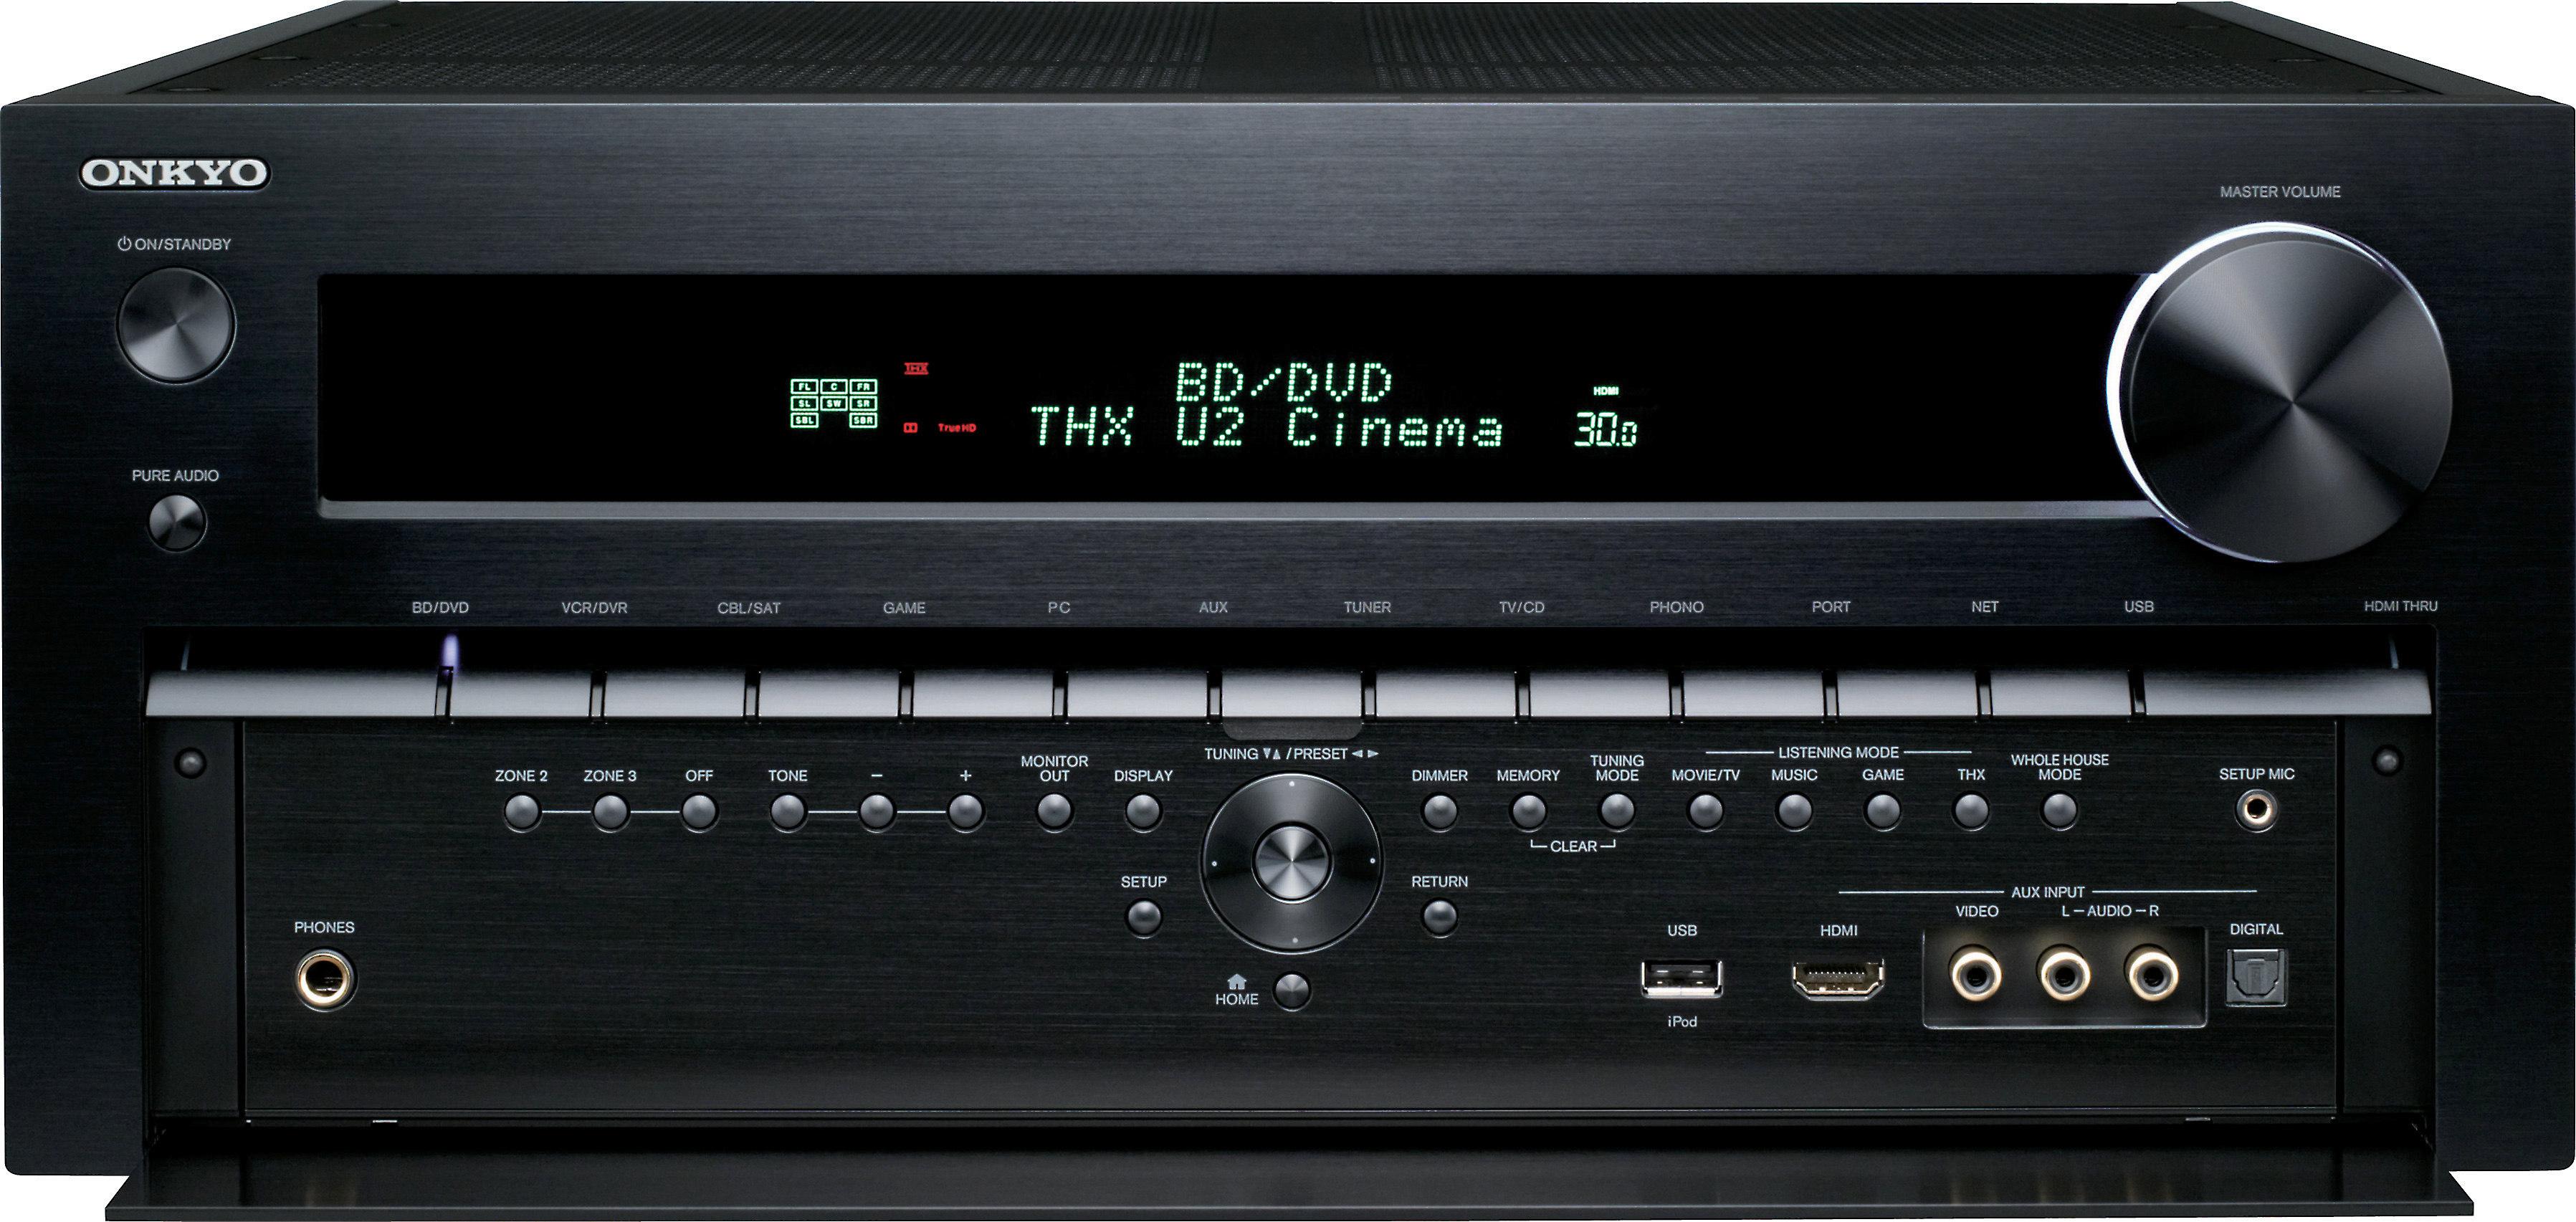 Onkyo TX-NR5009